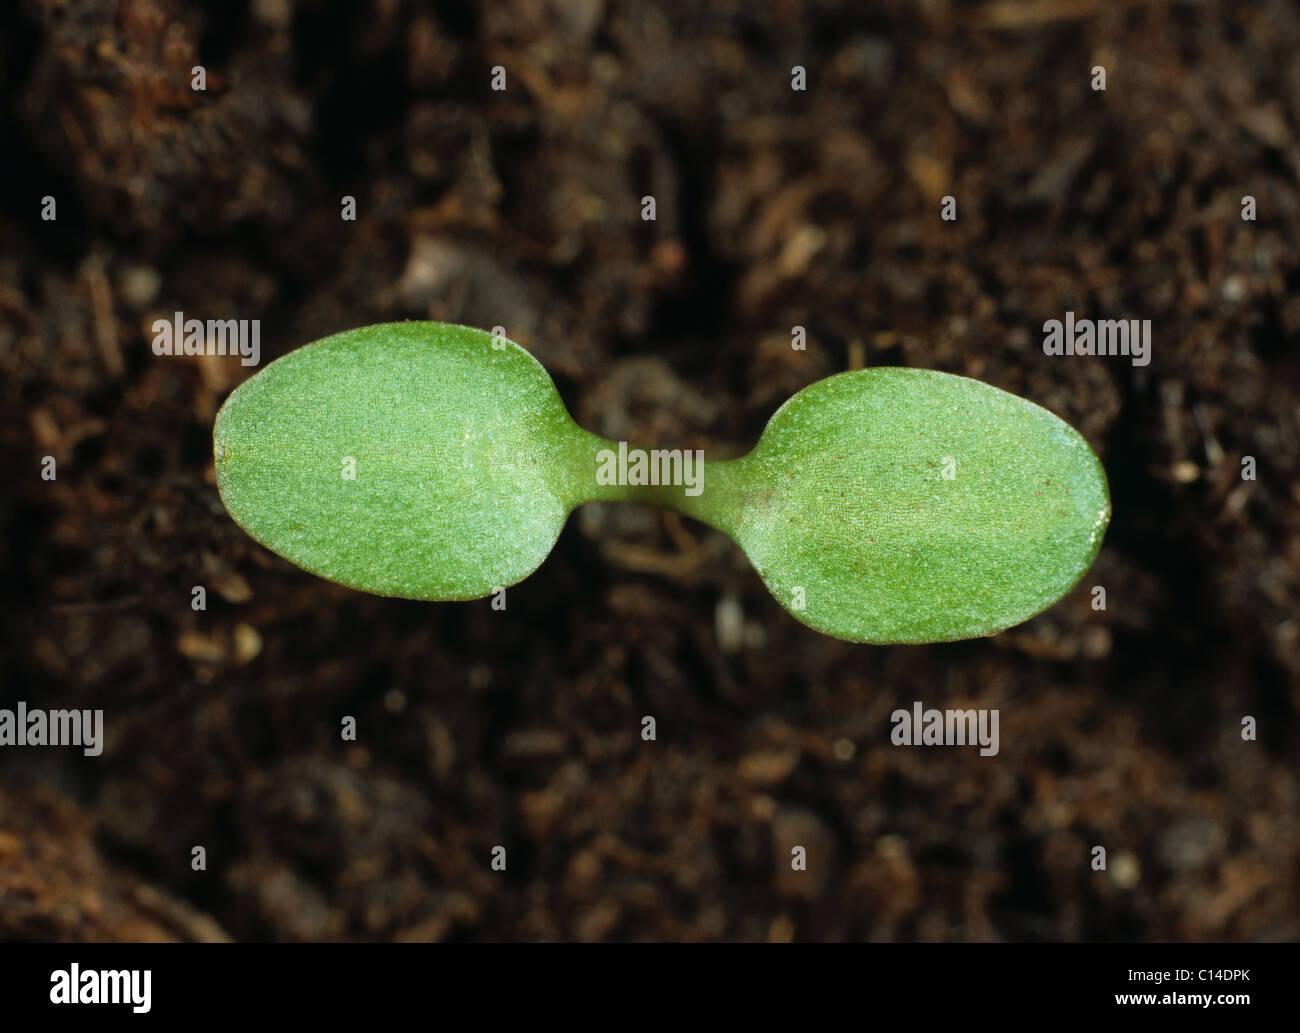 Nipplewort (Lapsana communis) seedling cotyledons only - Stock Image